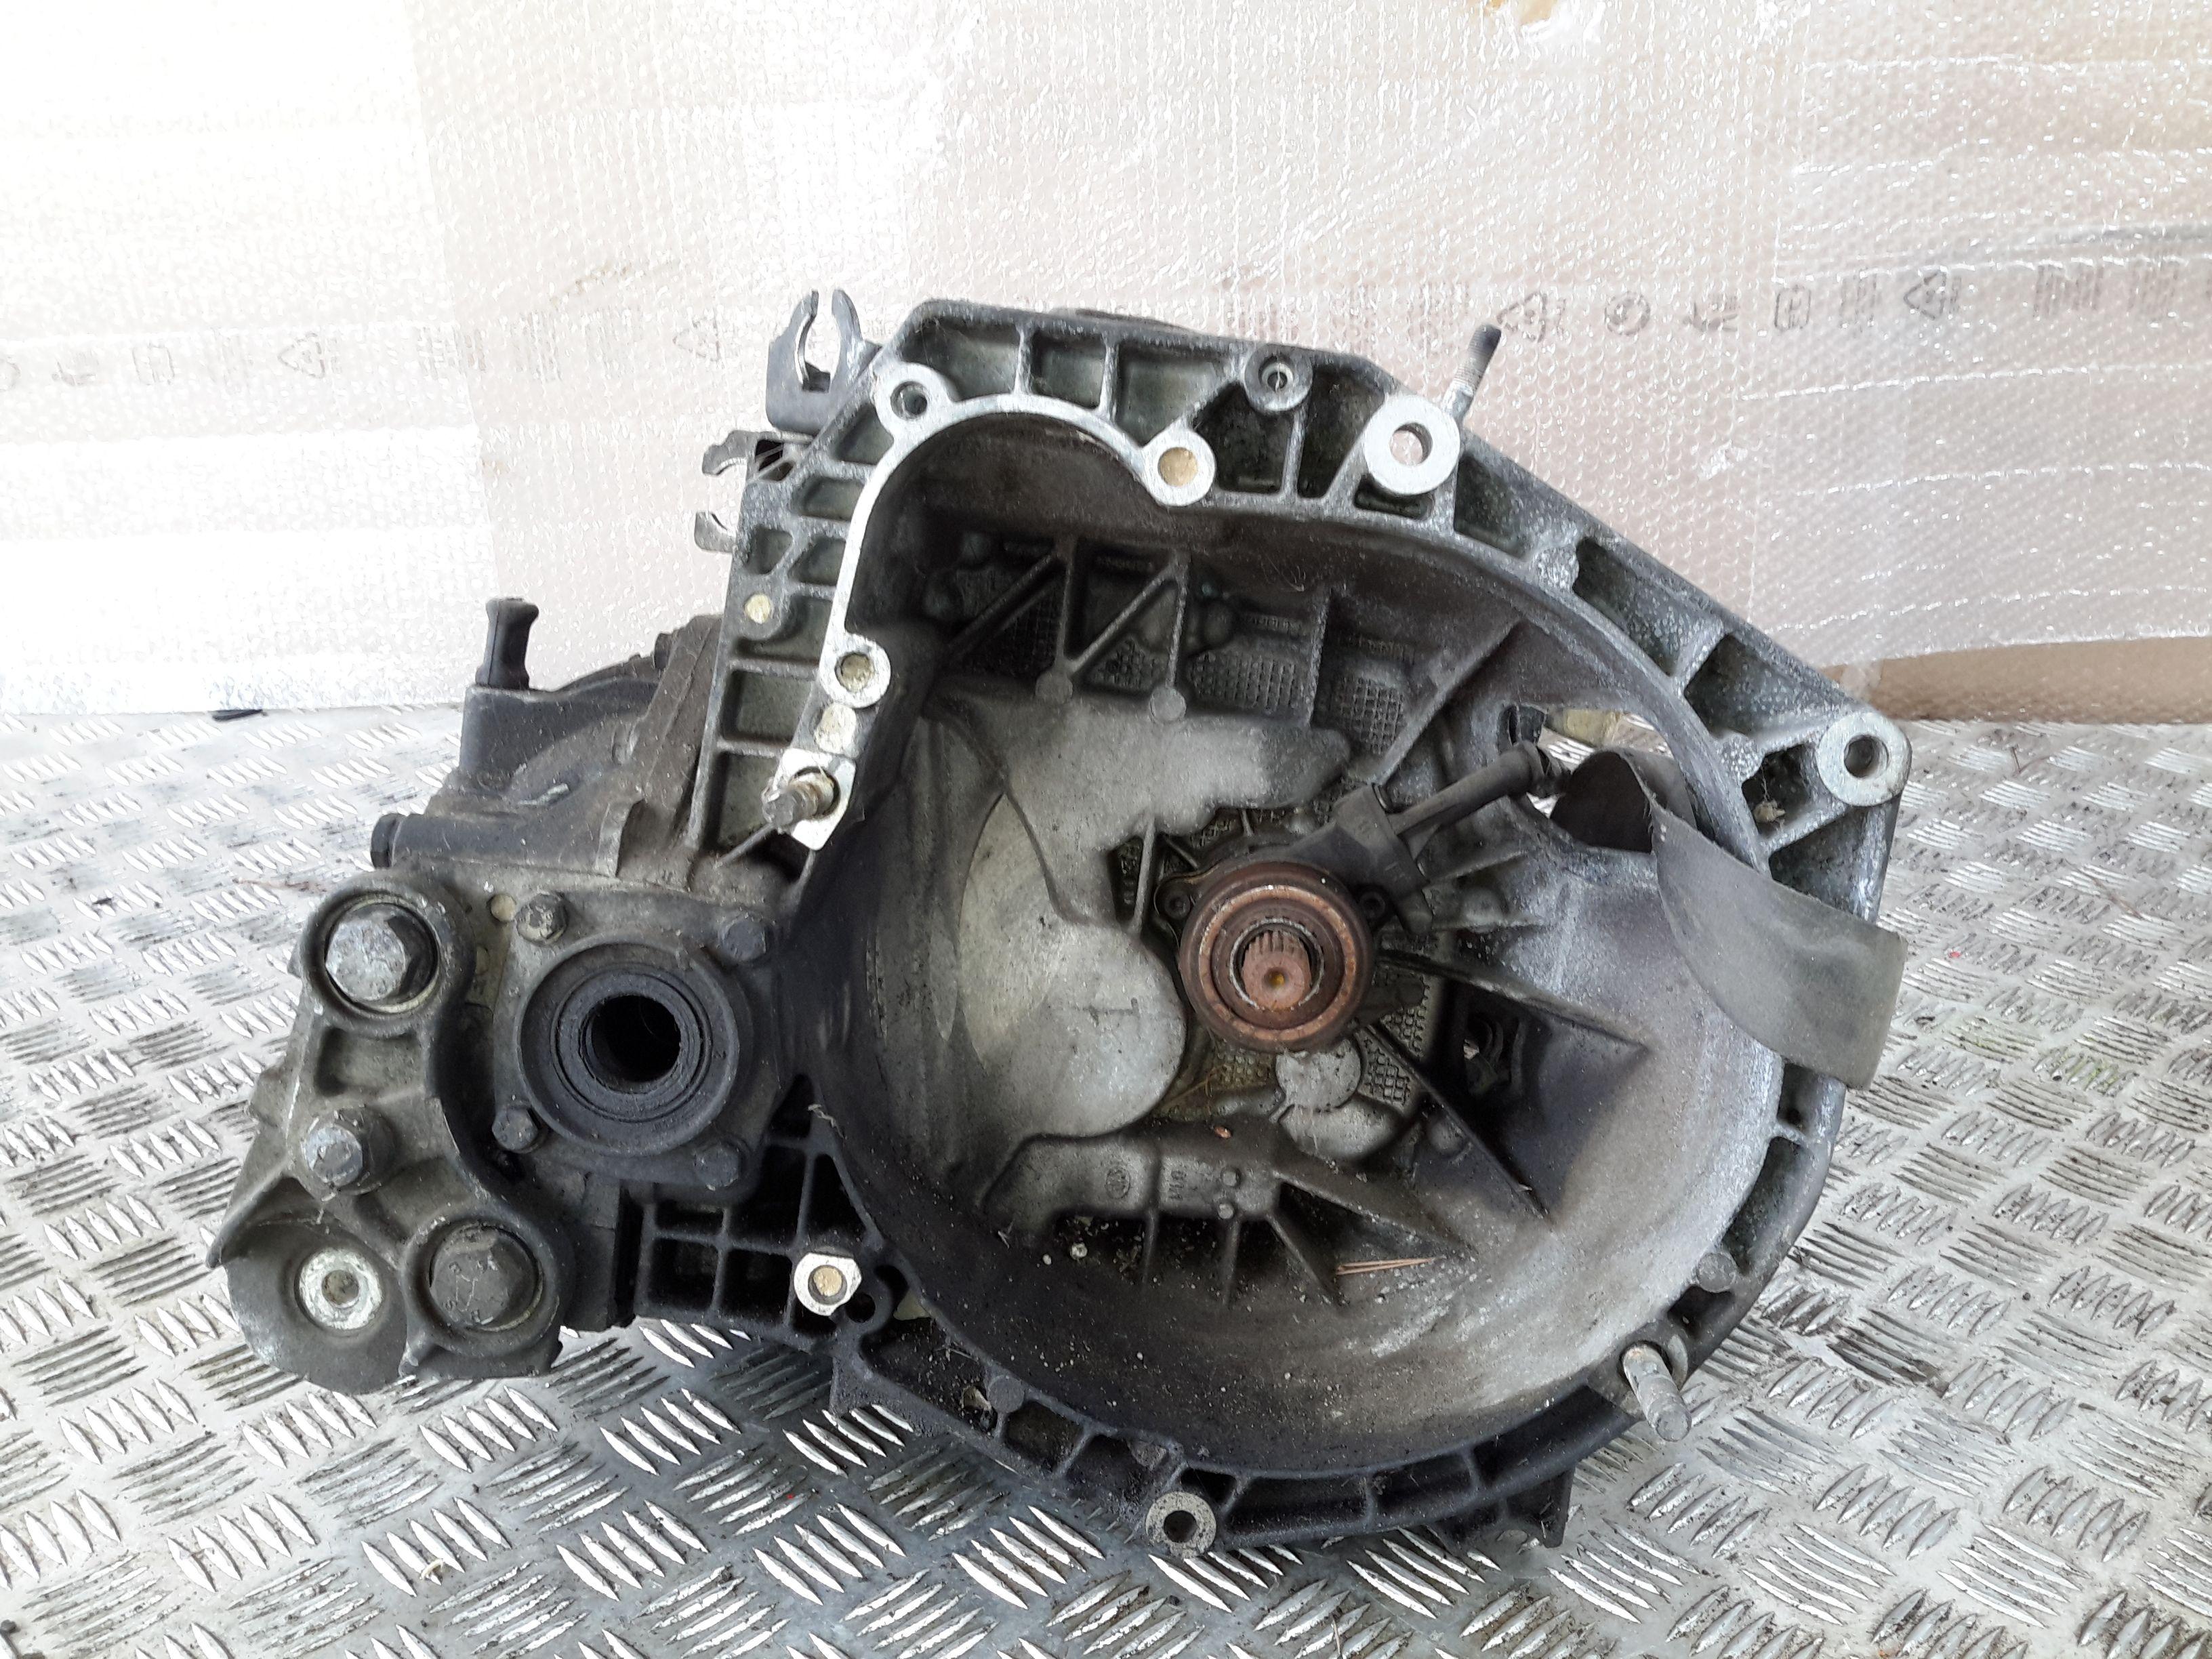 CAMBIO MANUALE COMPLETO LANCIA Delta 4° Serie 1600 Diesel 198a2000 88 Kw  (2011) RICAMBI USATI